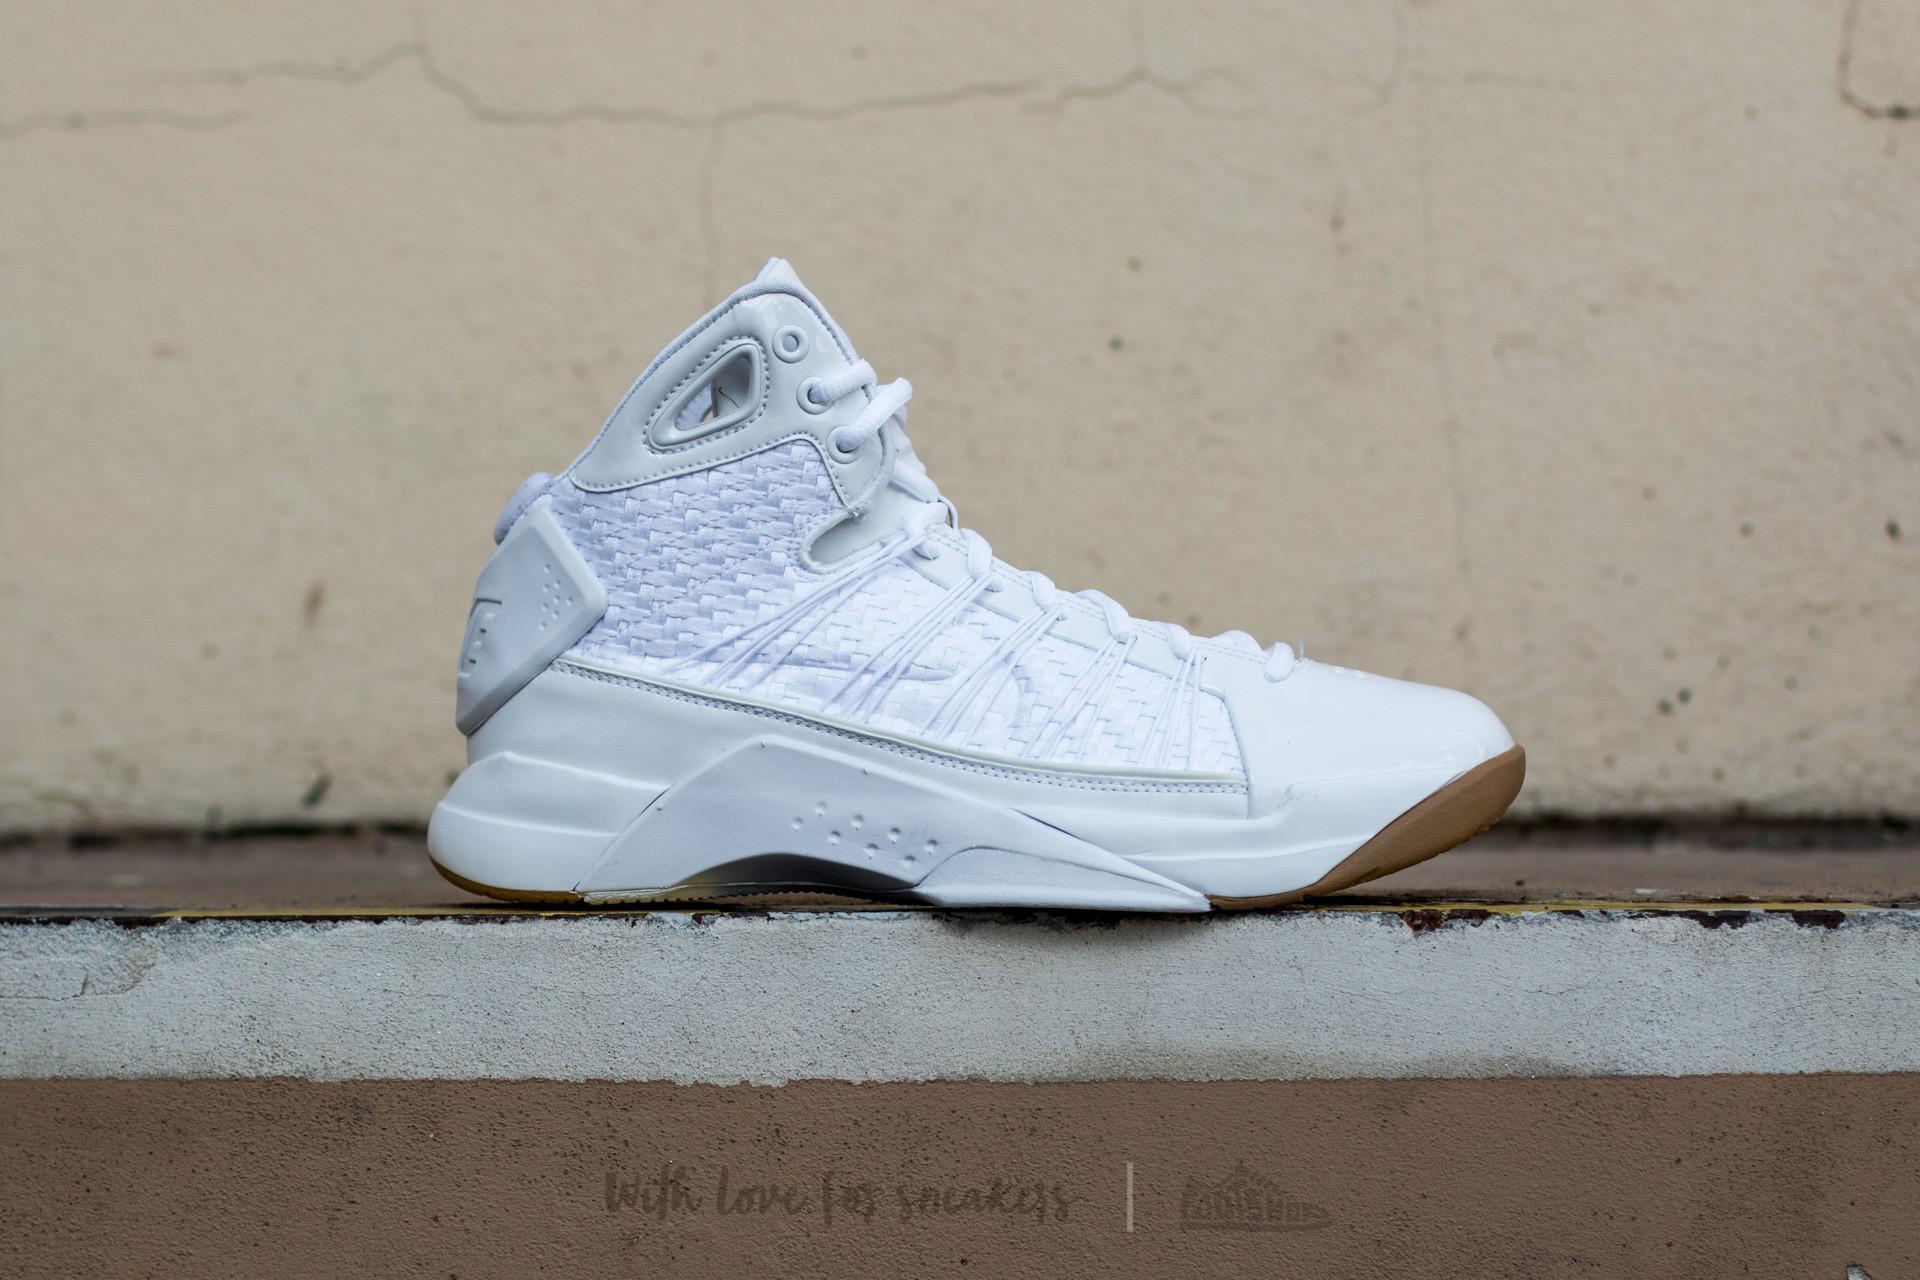 602f077c4f14 Lyst - Nike Hyperdunk Lux White  White-gum Light Brown in White for Men